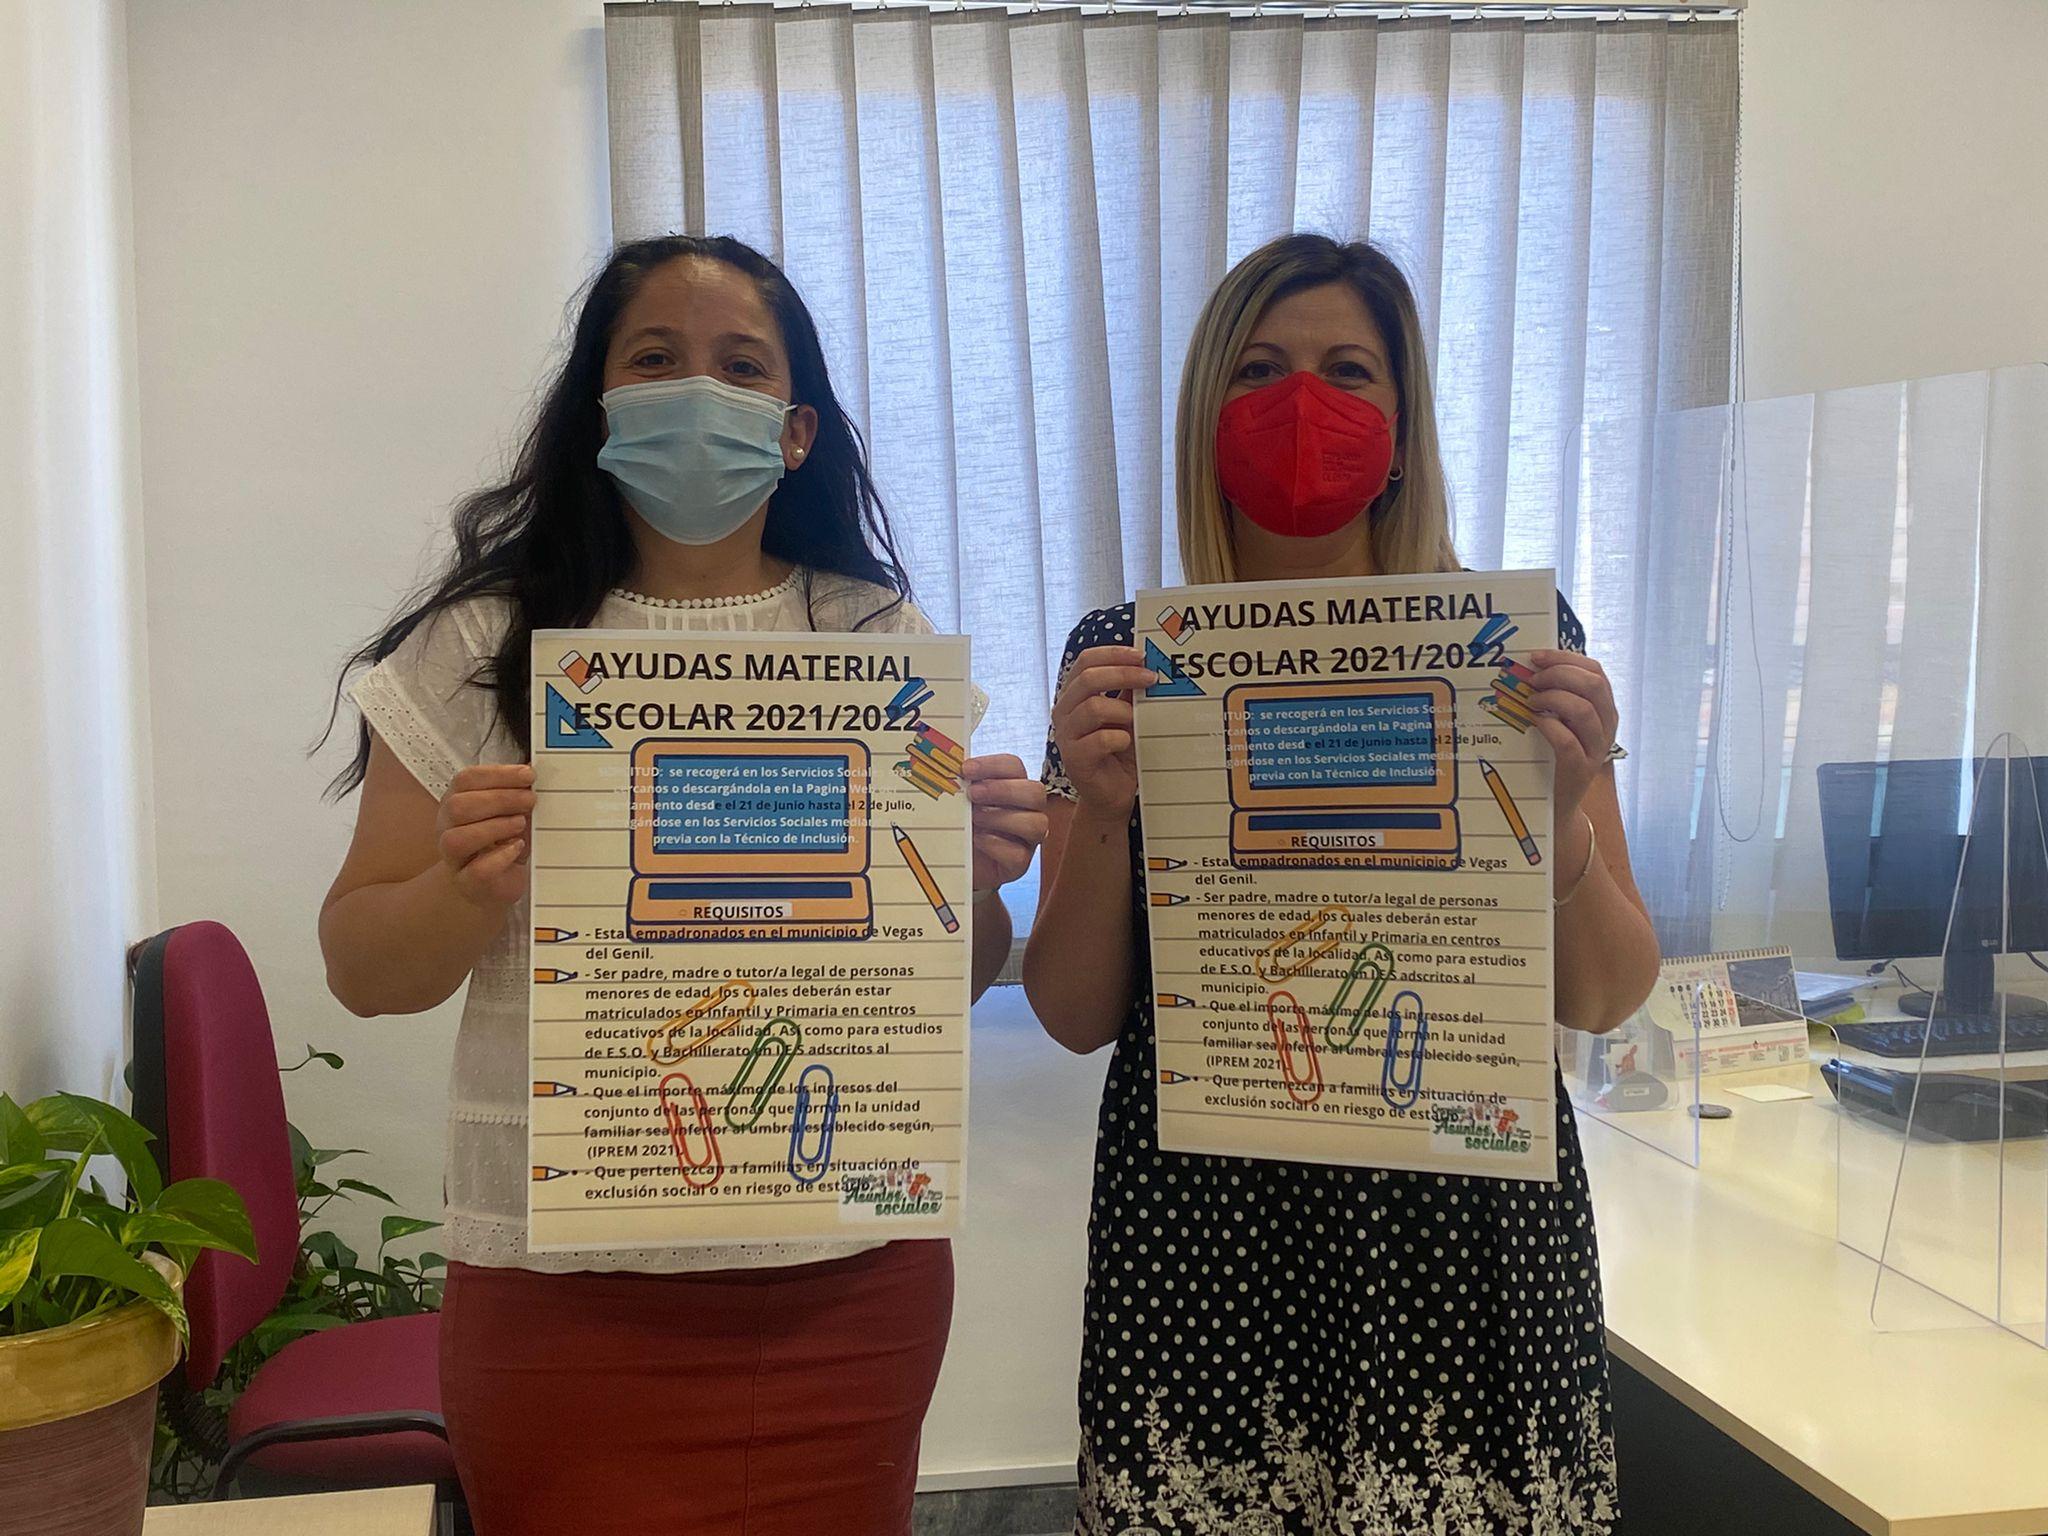 Vegas del Genil subvencionará el material escolar a las familias más afectadas por la crisis del coronavirus